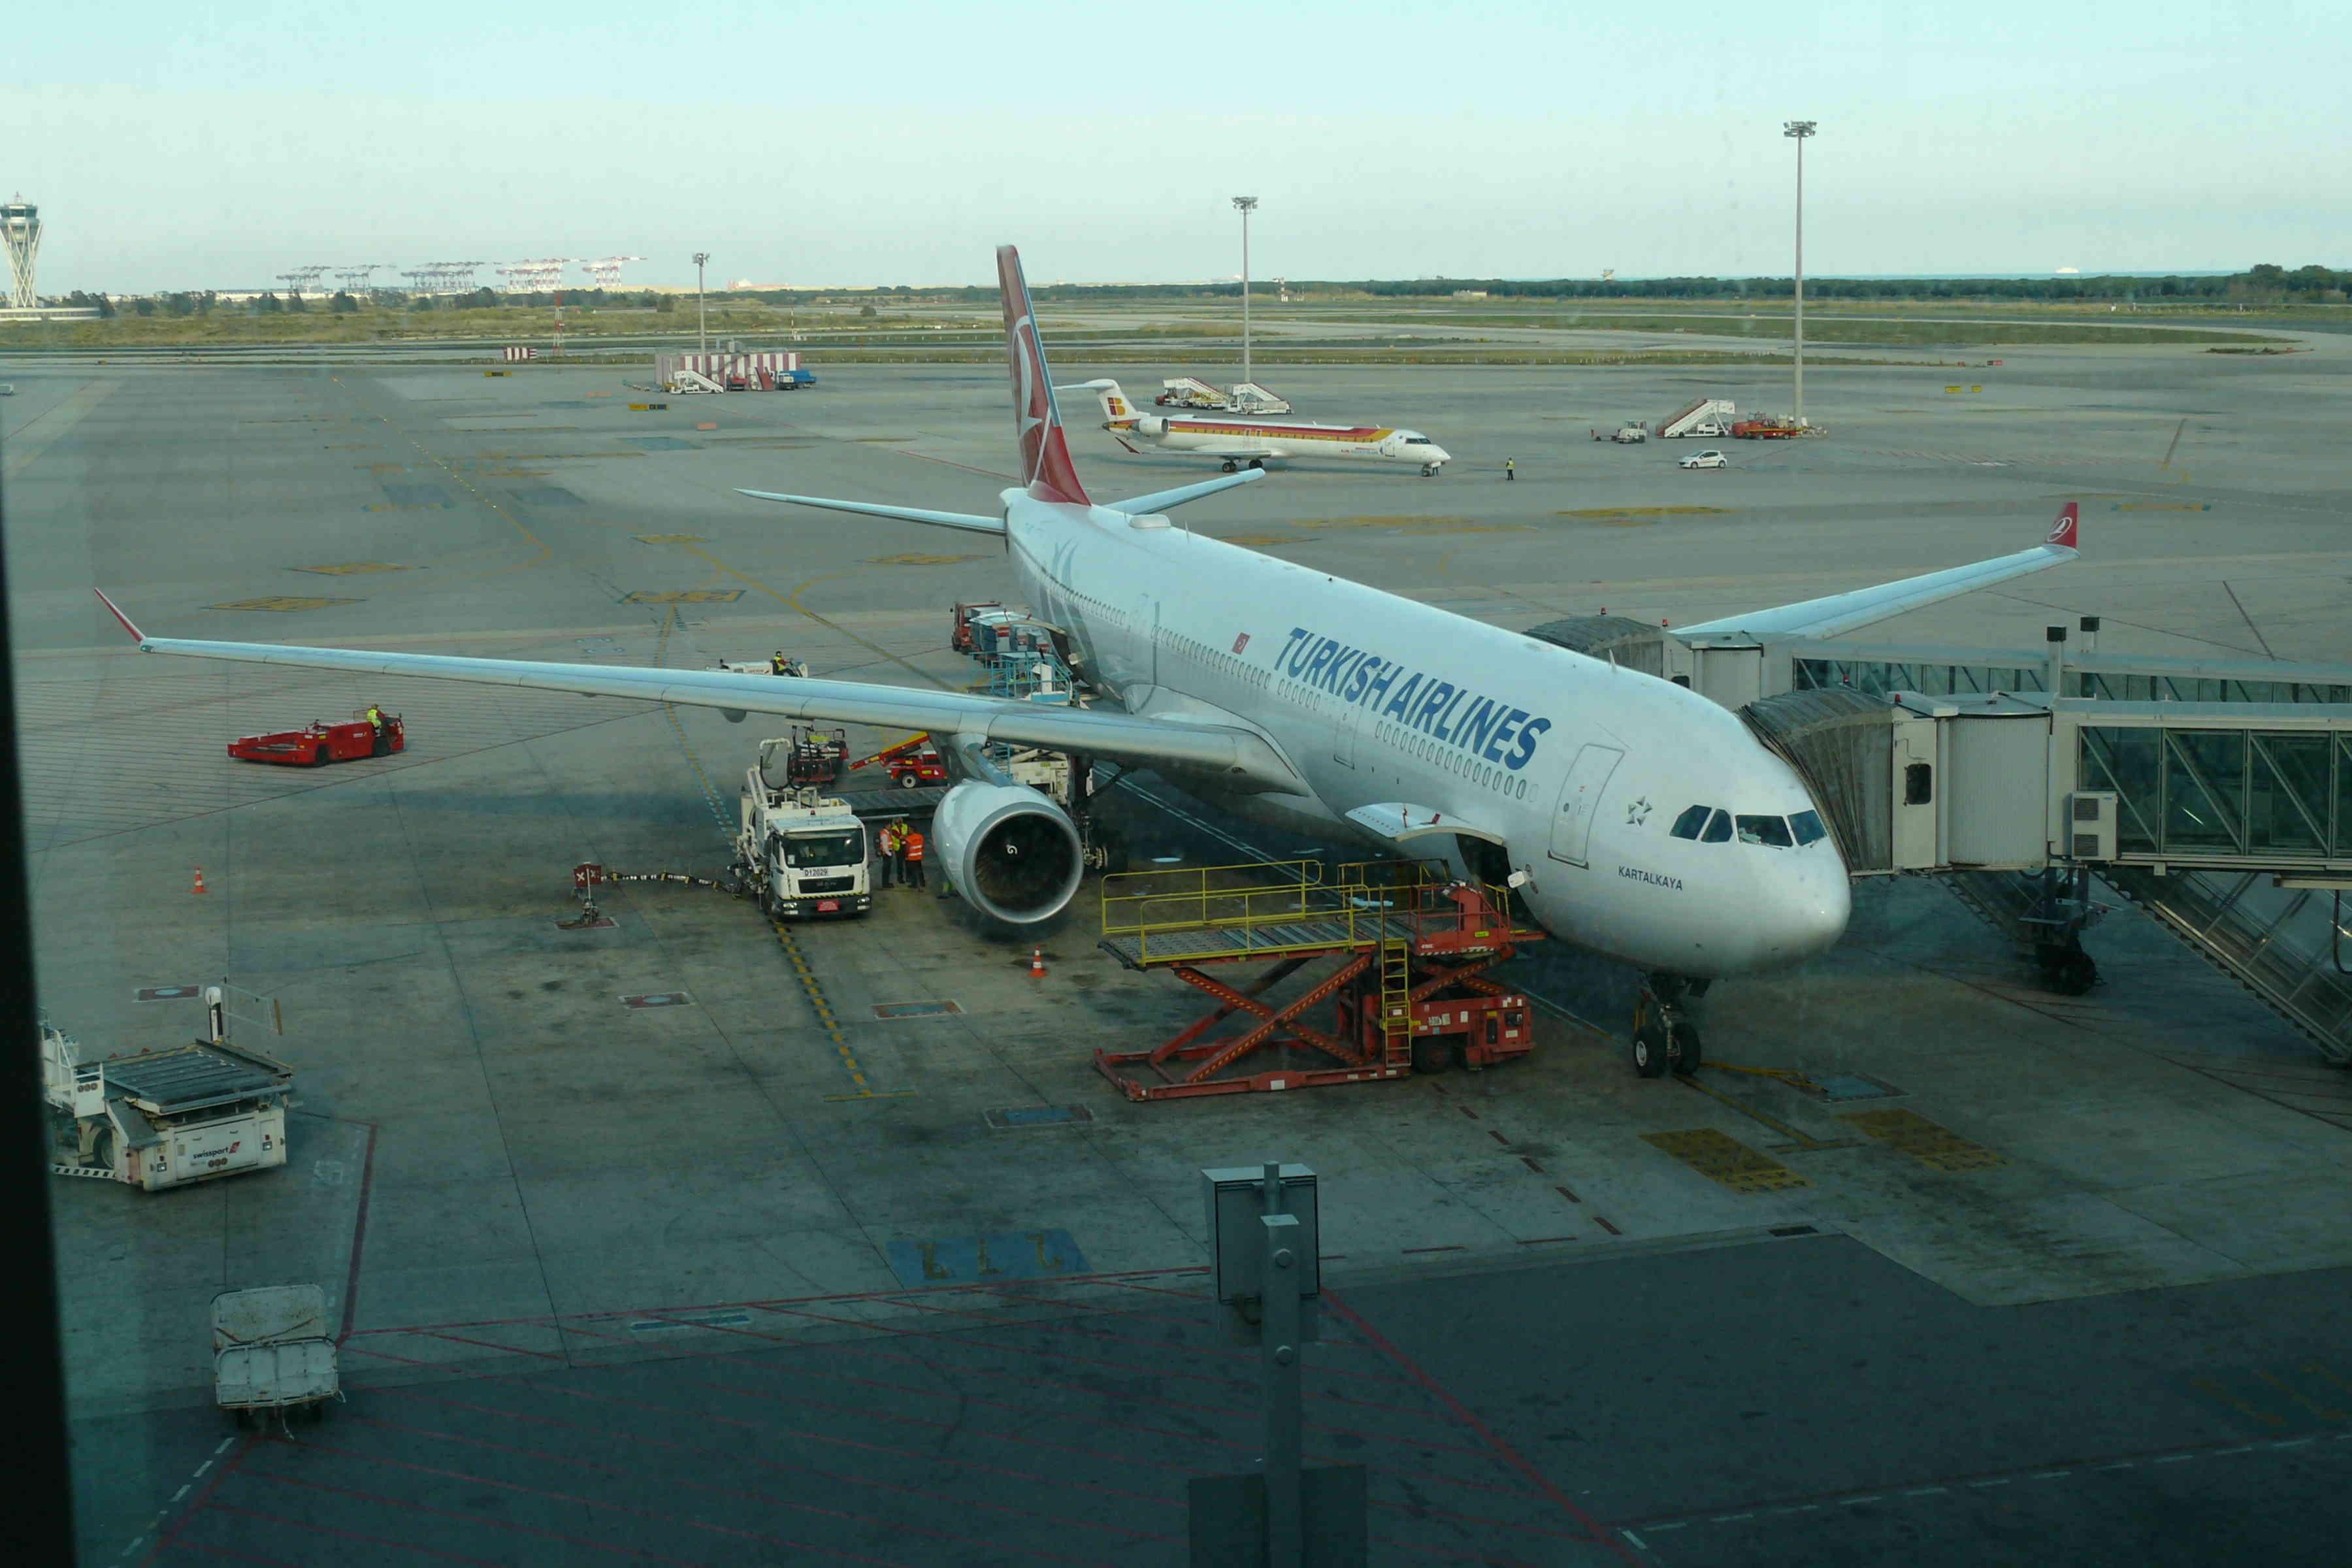 El Prat - Aeropuerto de Barcelona P1170336